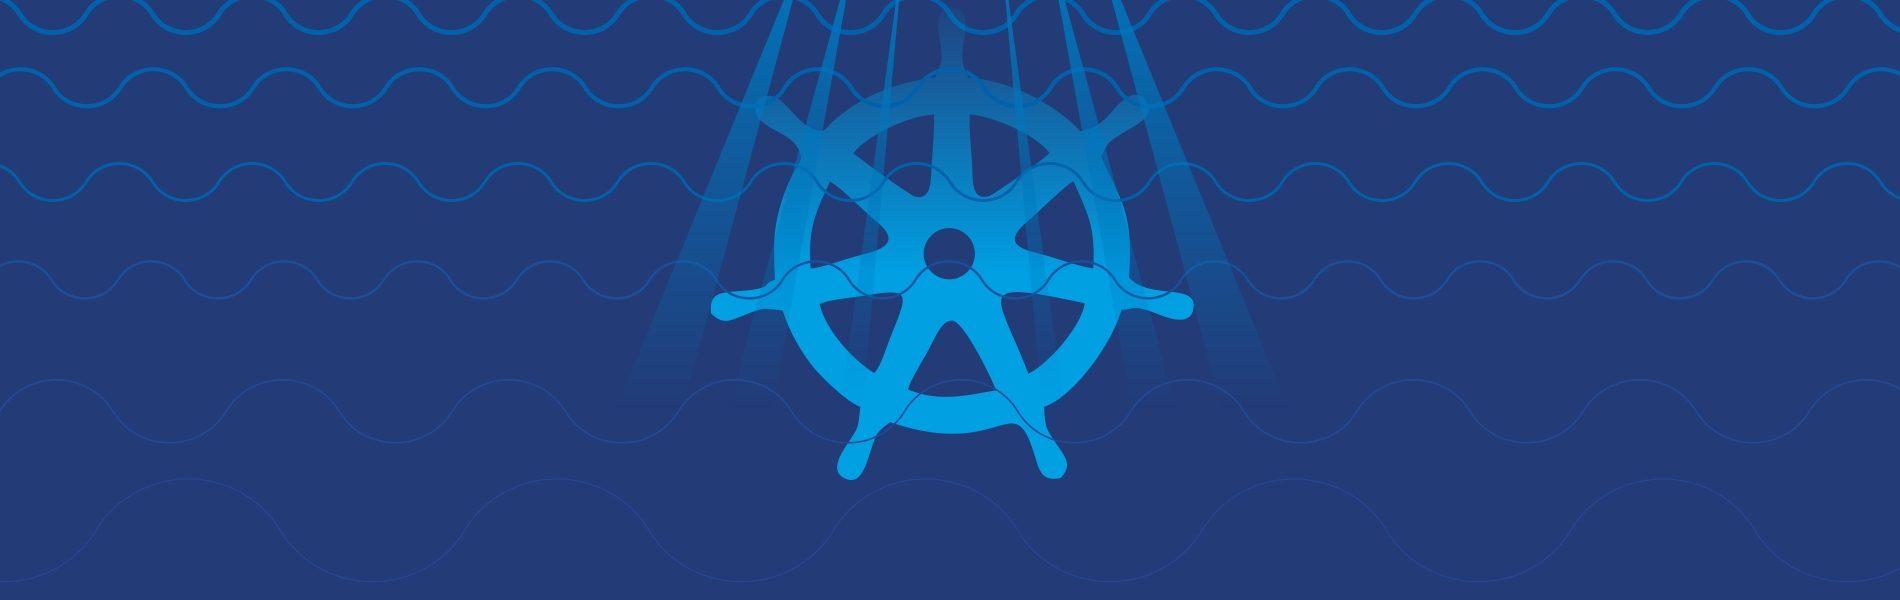 Kubernetes Matrics Deep Dive Introduction | Tudip